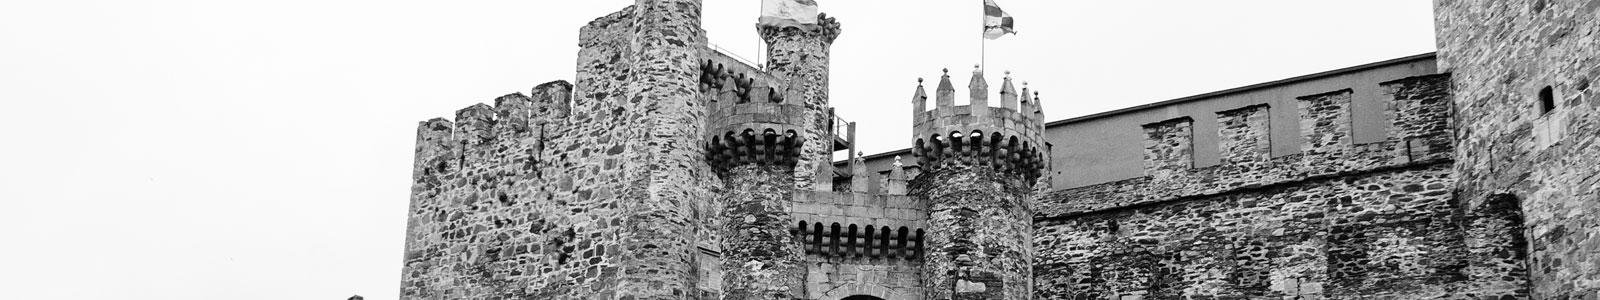 Detalle entrada Castillo de los Templarios